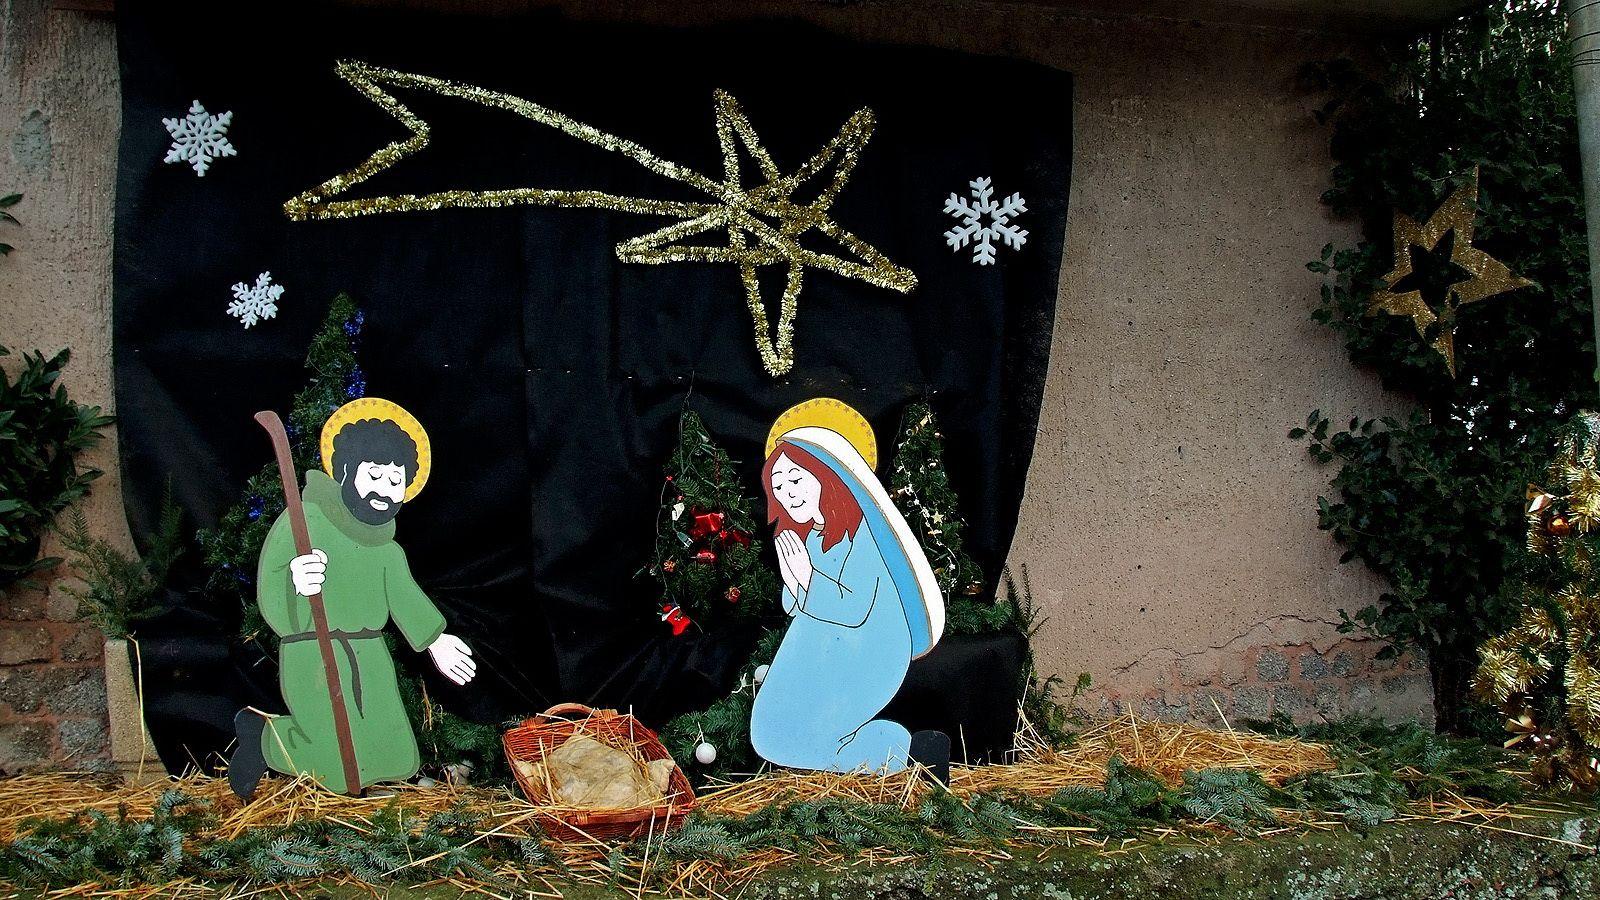 Ihr Kinderlein, kommet, o kommet doch all'! ....  Zur Krippe her kommet in Betlehems Stall und seht, was in dieser hochheiligen Nacht, der Vater im Himmel für Freude uns macht. :-)